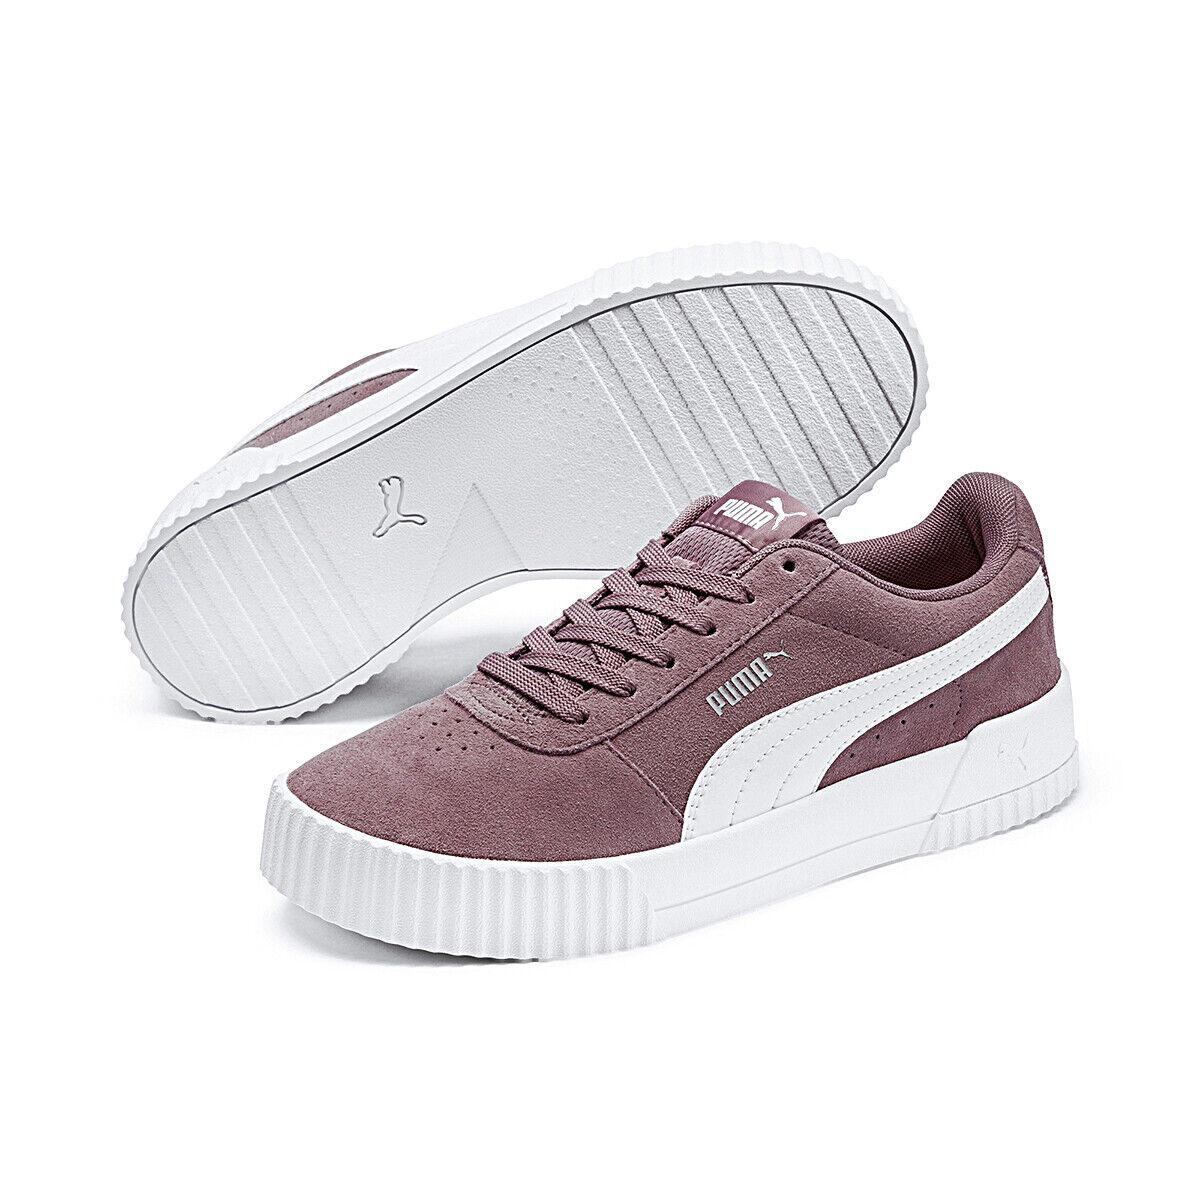 Puma Carina cortos cortos cortos señora Suede zapatos de gamuza 369864 03  tienda de venta